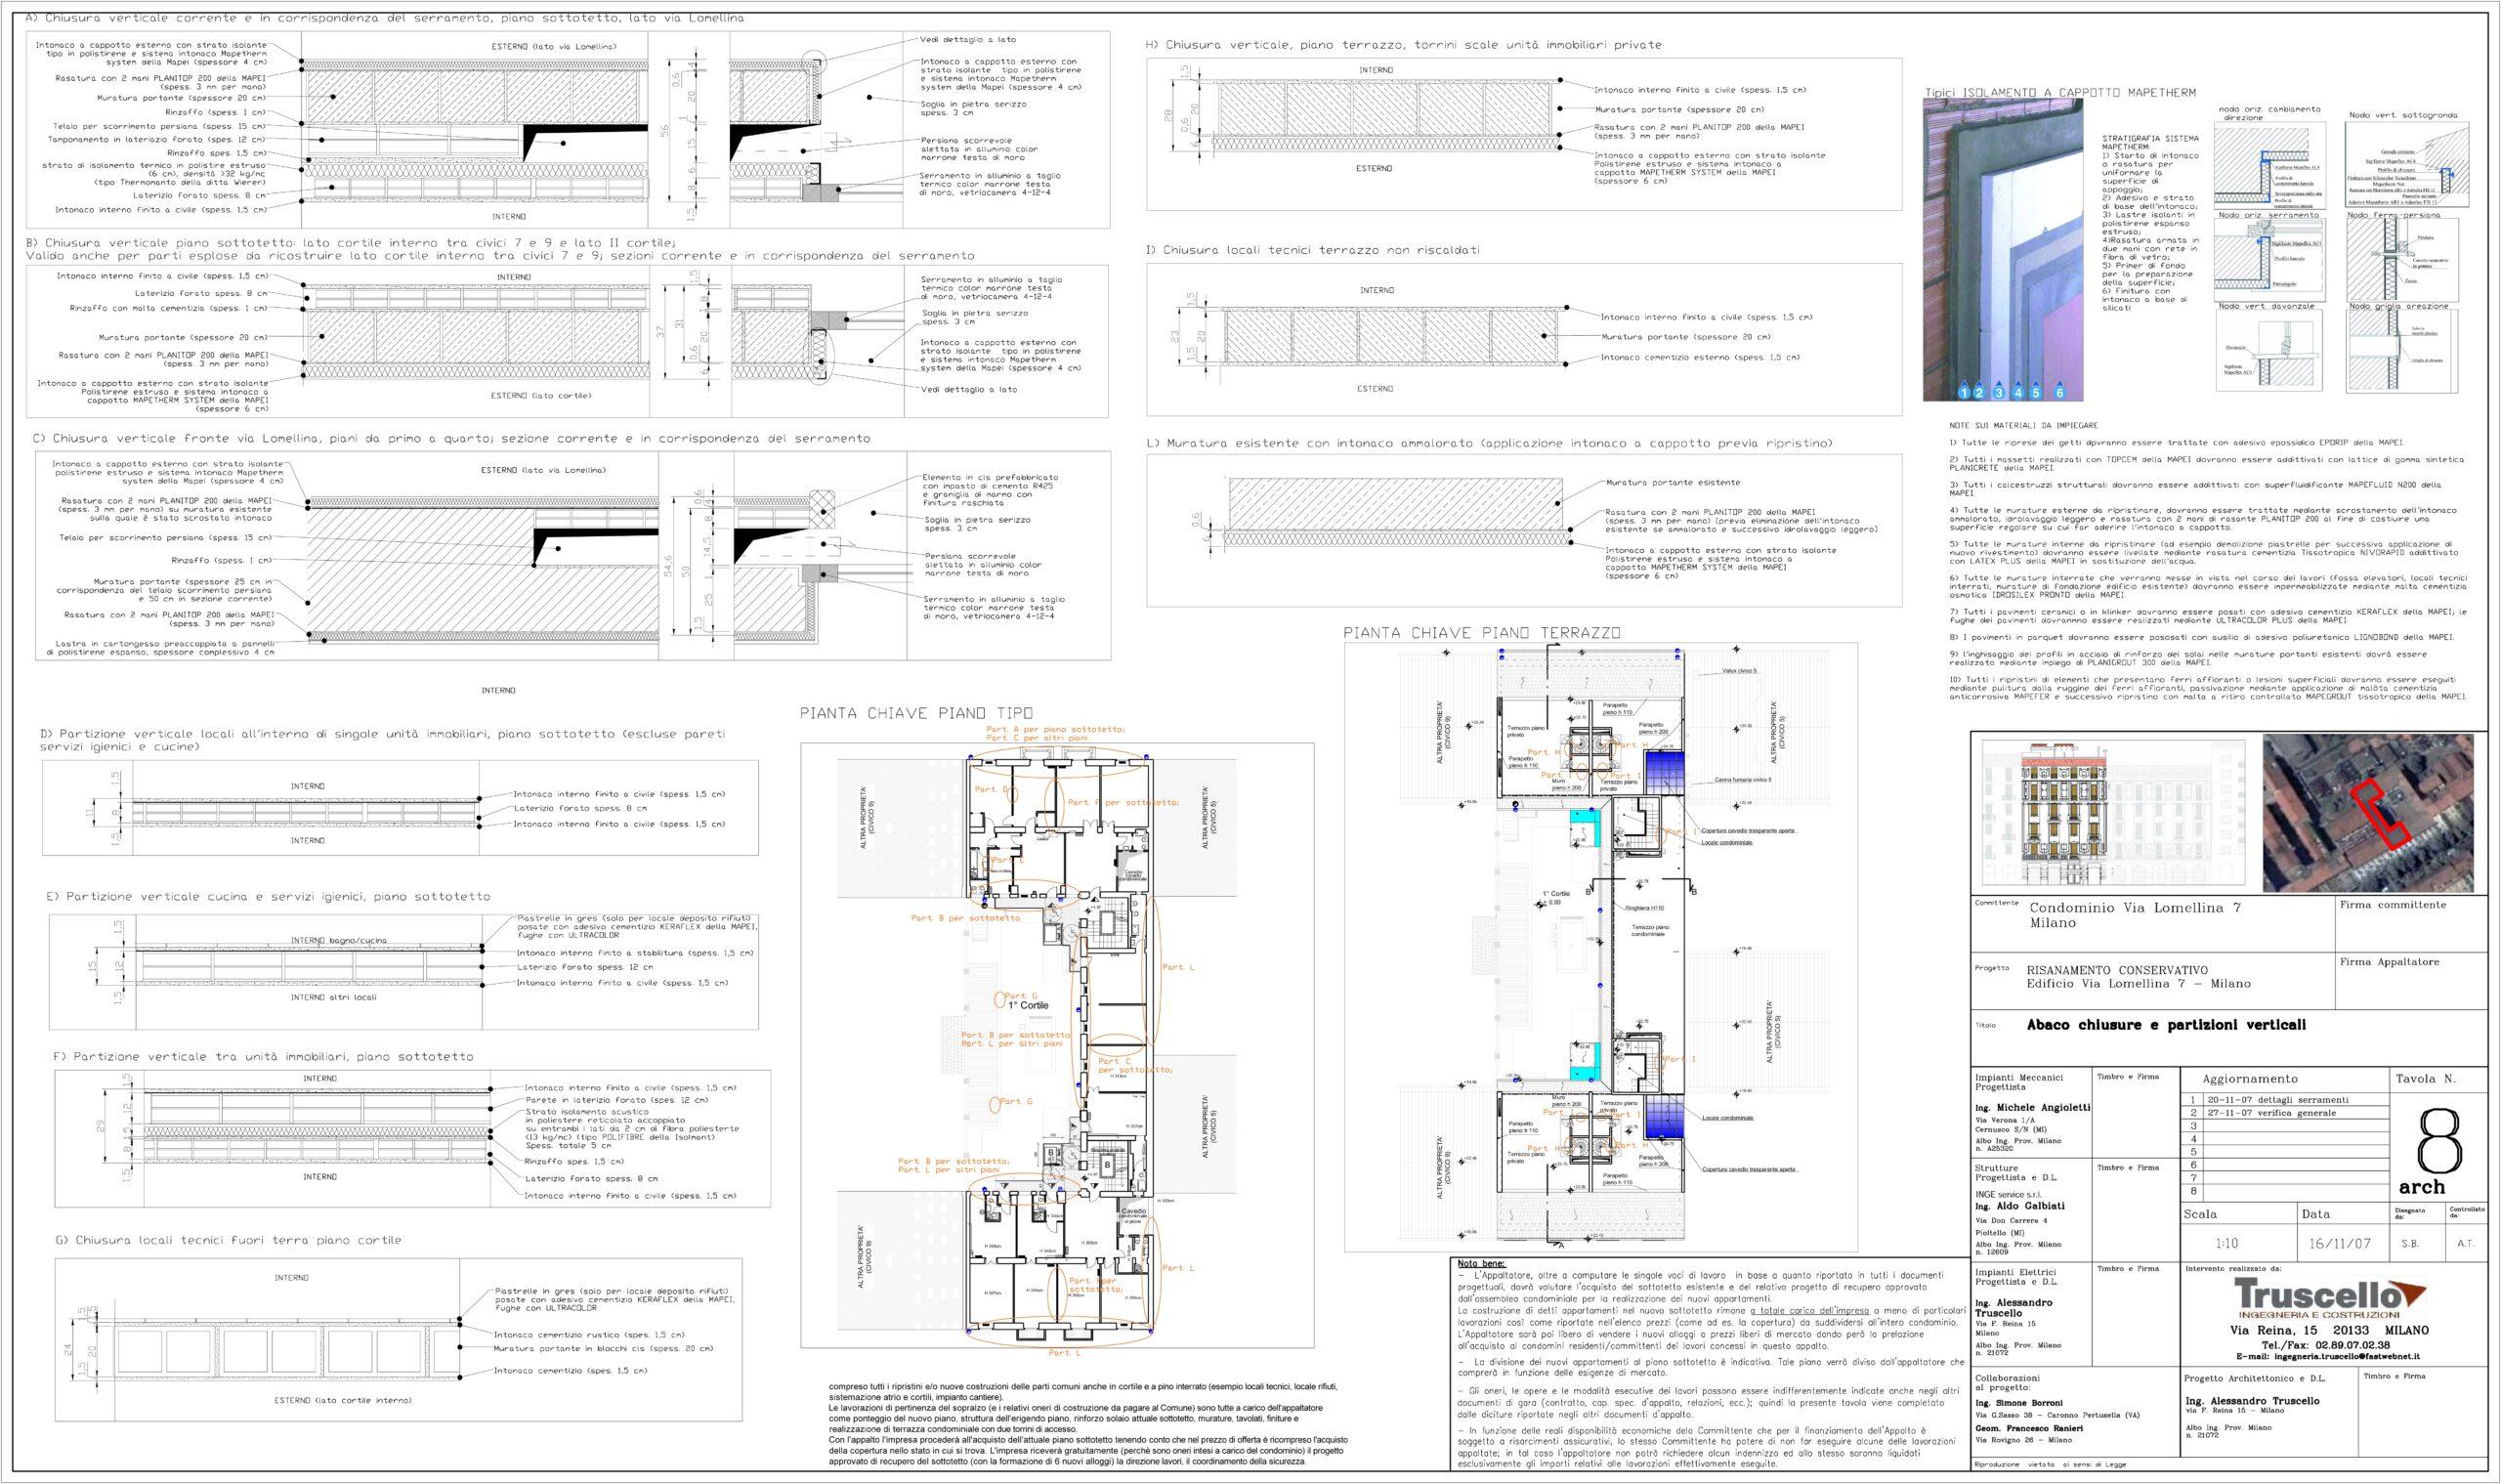 4. Elaborato grafico esecutivo con abachi chiusure verticali e partizioni verticali: stato di progetto.